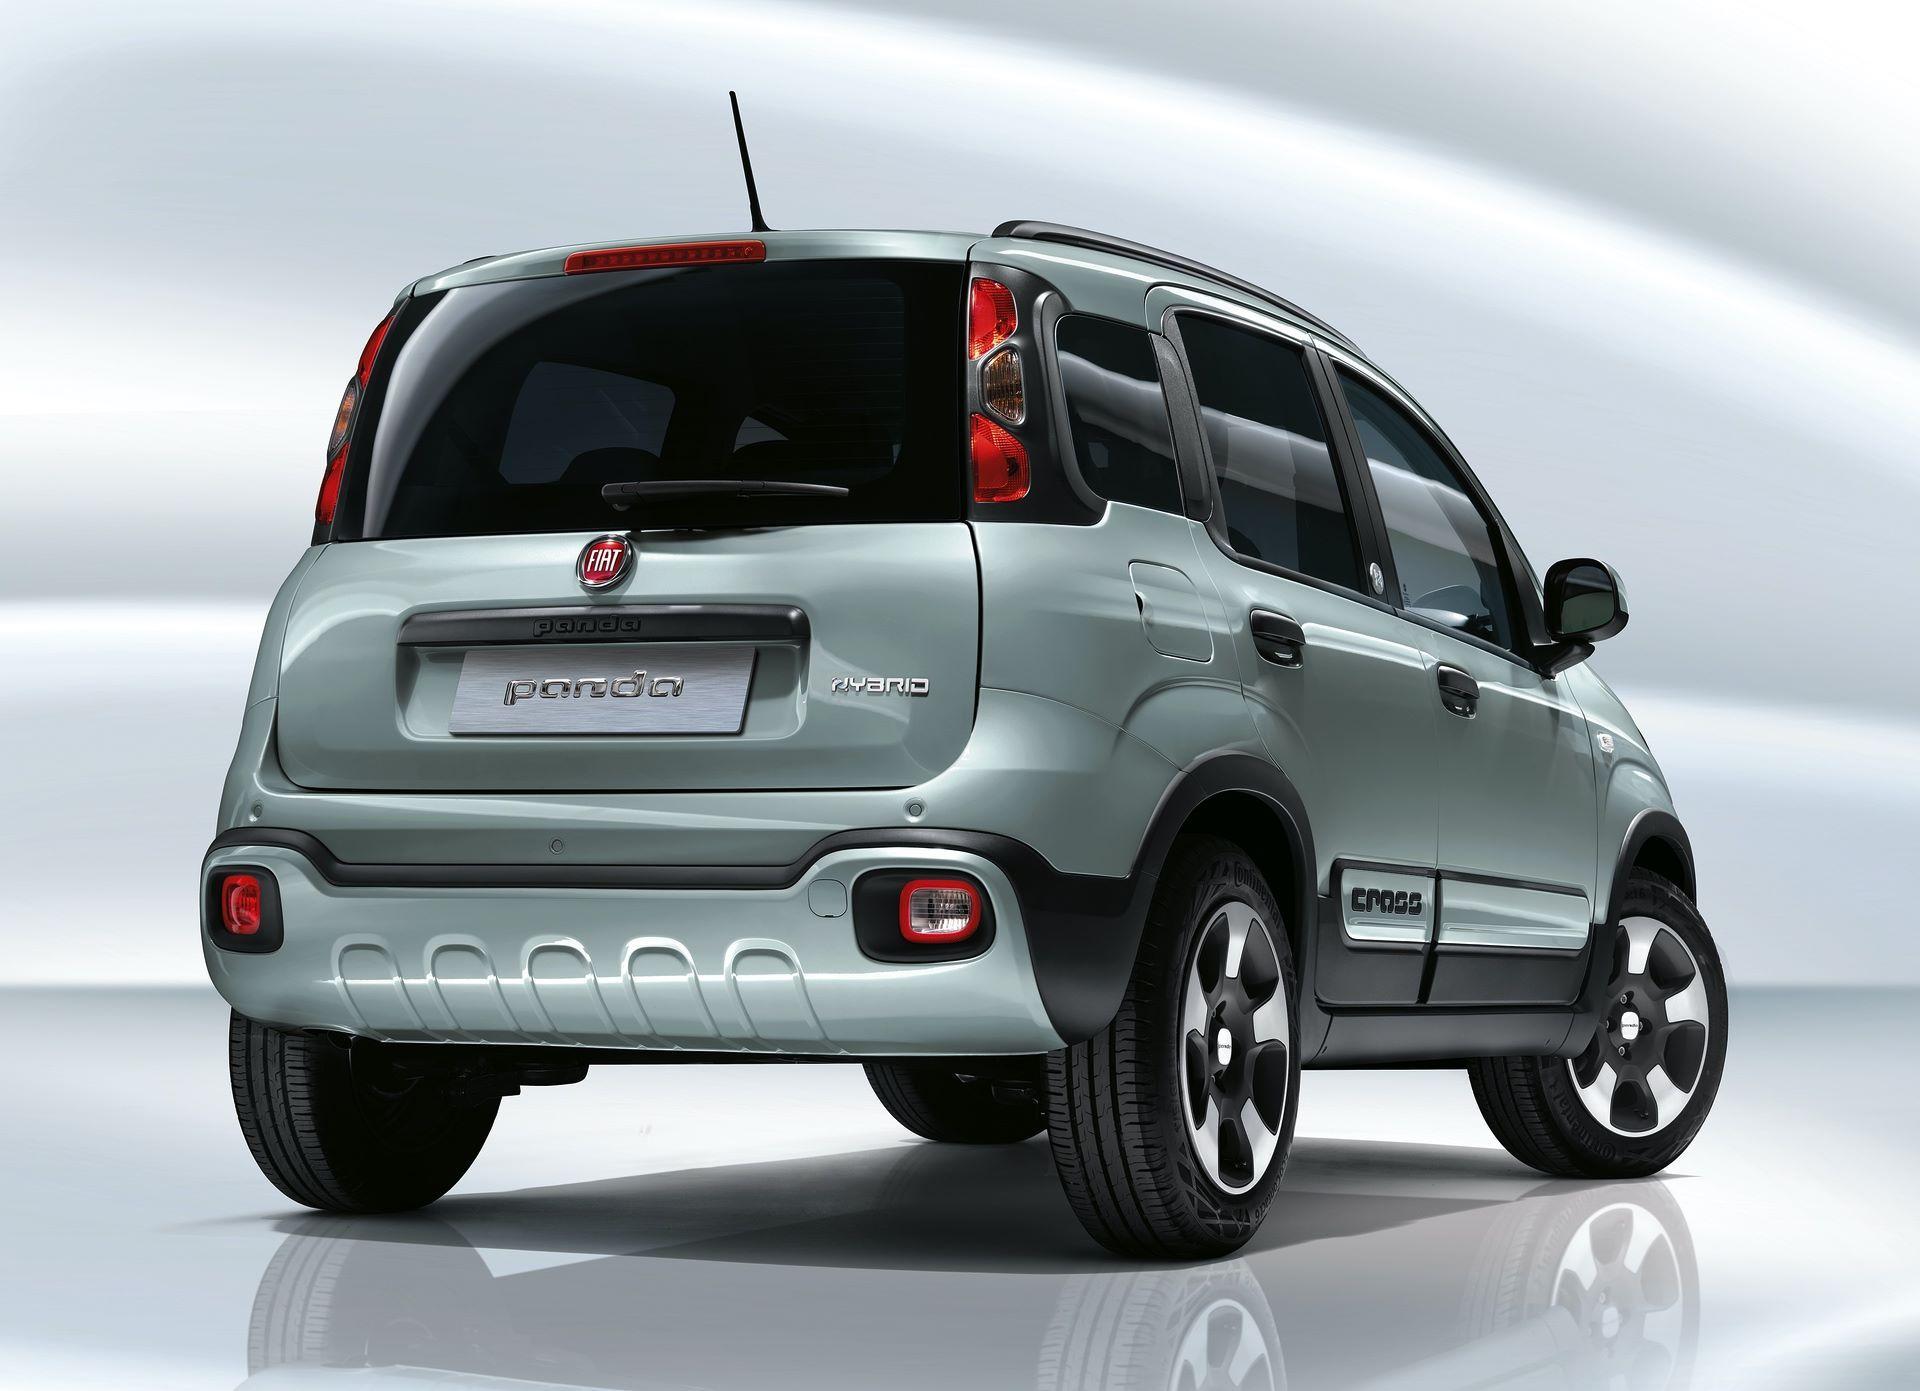 Fiat_Panda-Hybrid_01-4